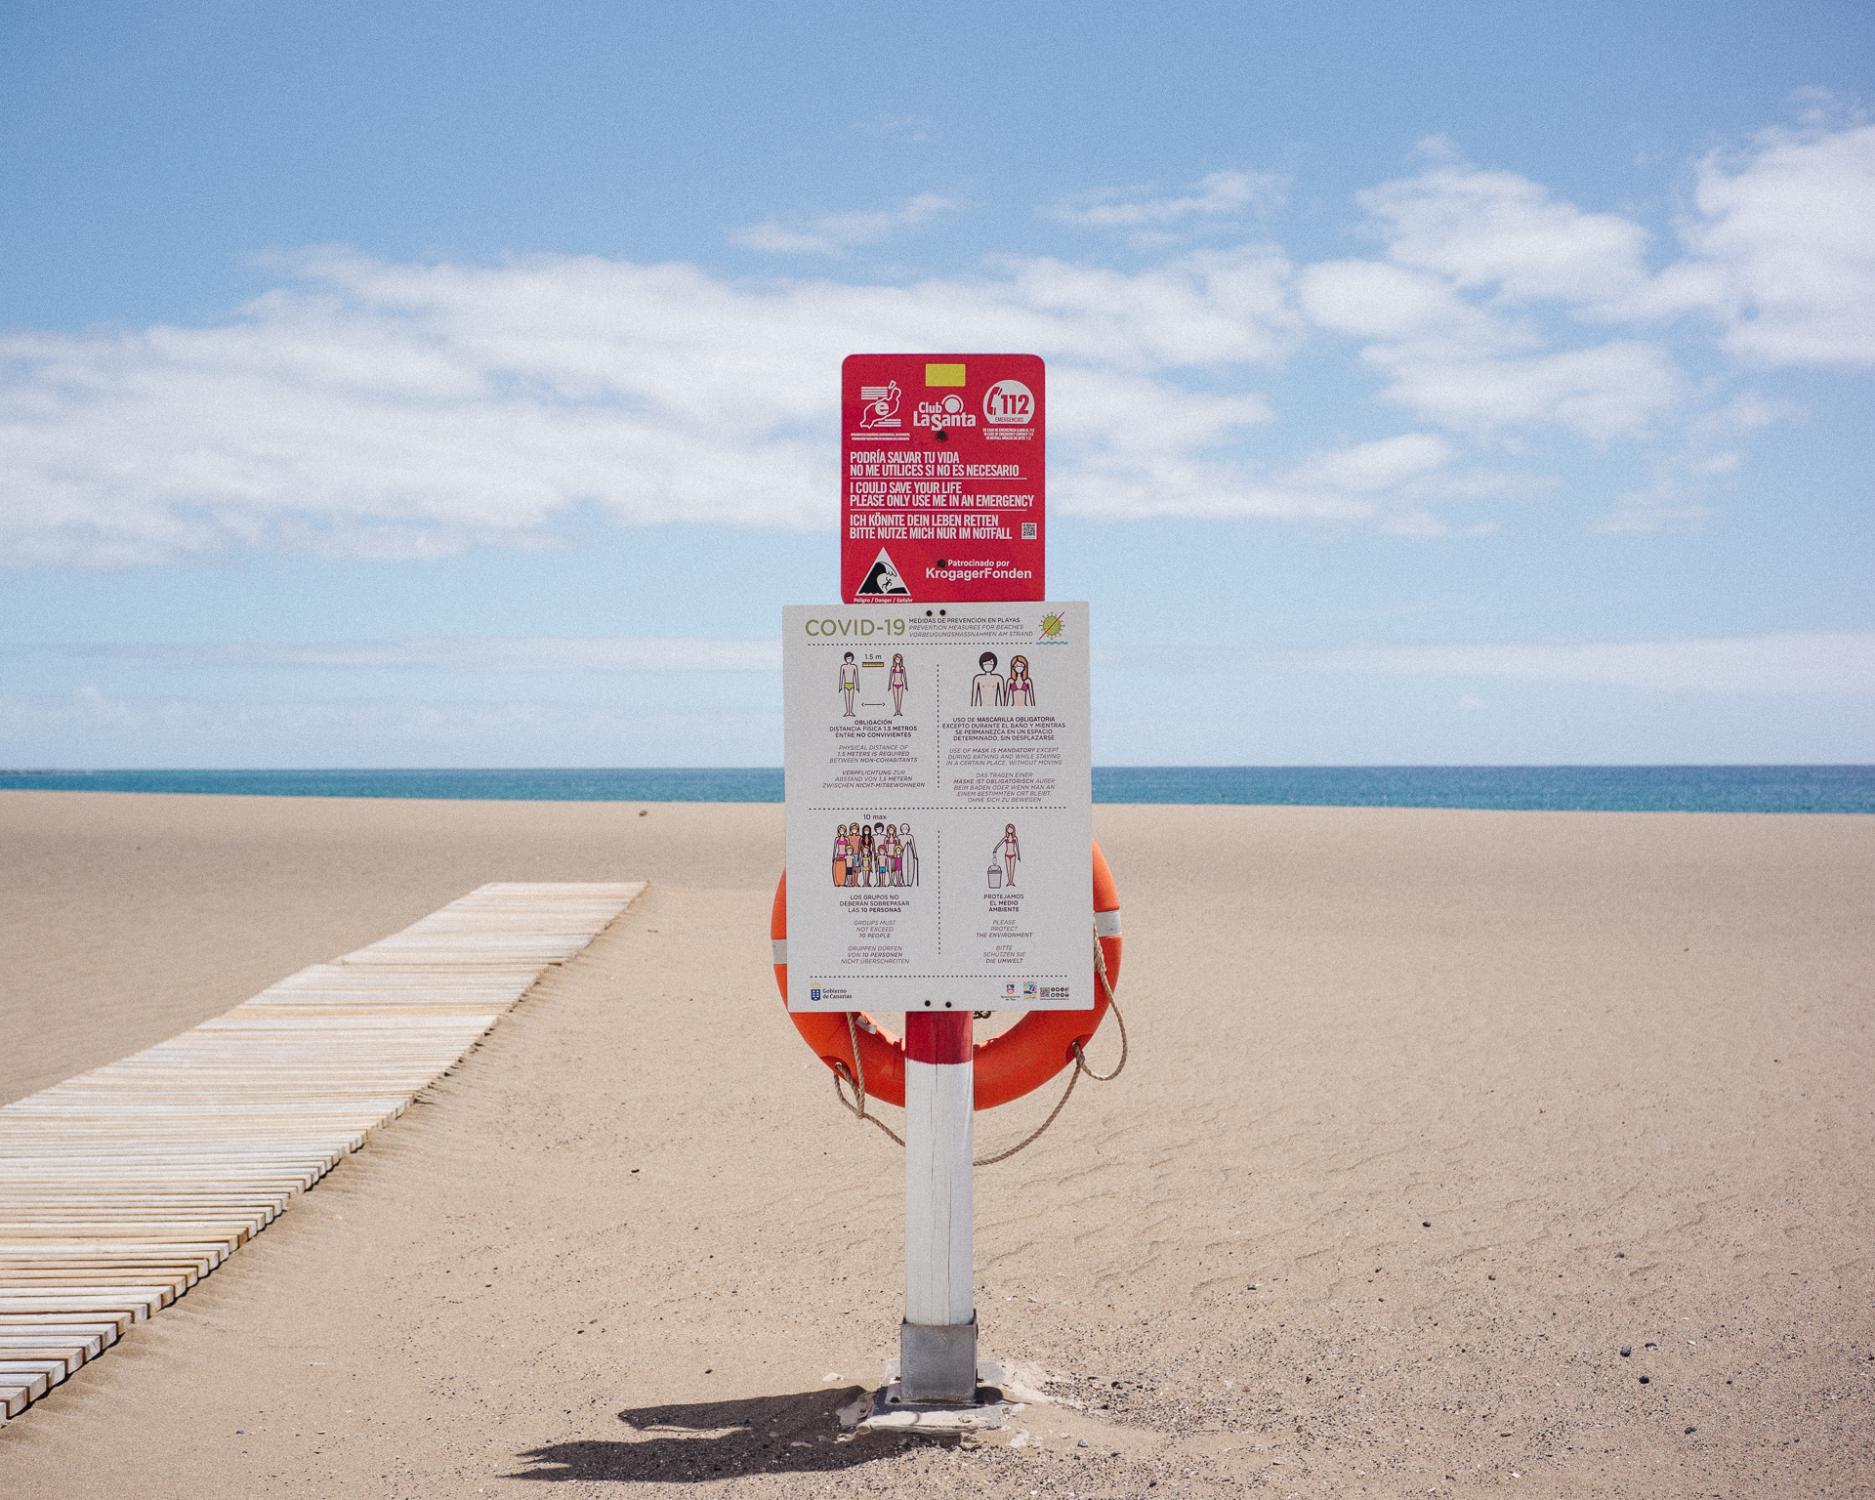 Los Pocillos, est l'une des plages les plus populaires de Puerto del Carmen. Elle est habituellement bondée. Sur le sable désert, un panneau rappelle les mesures pour lutter contre la propagation du Covid-19.